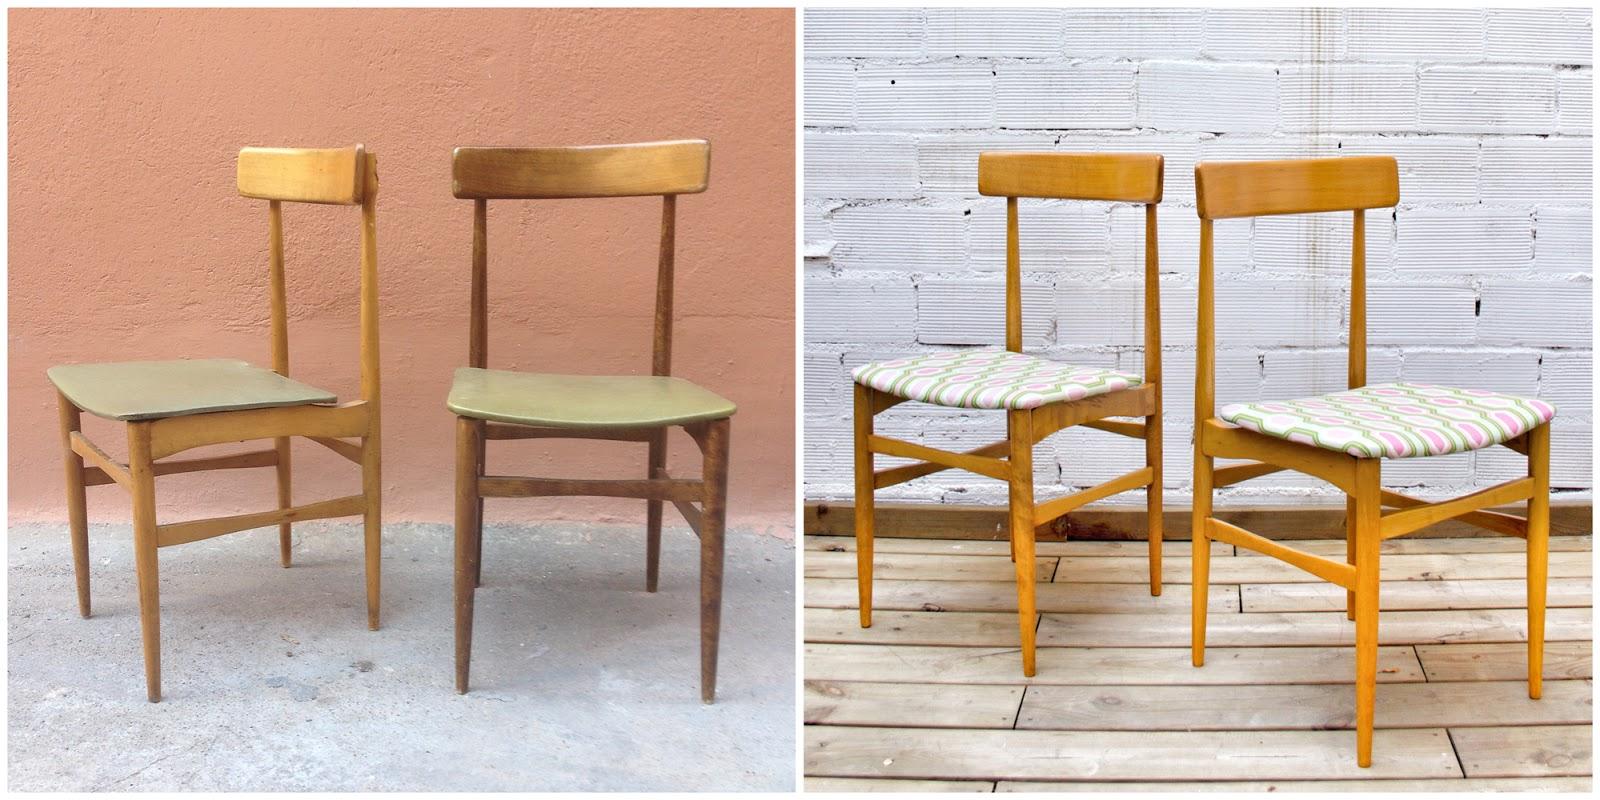 Antes y después - Sillas nórdicas restauradas y tapizadas - Studio Alis